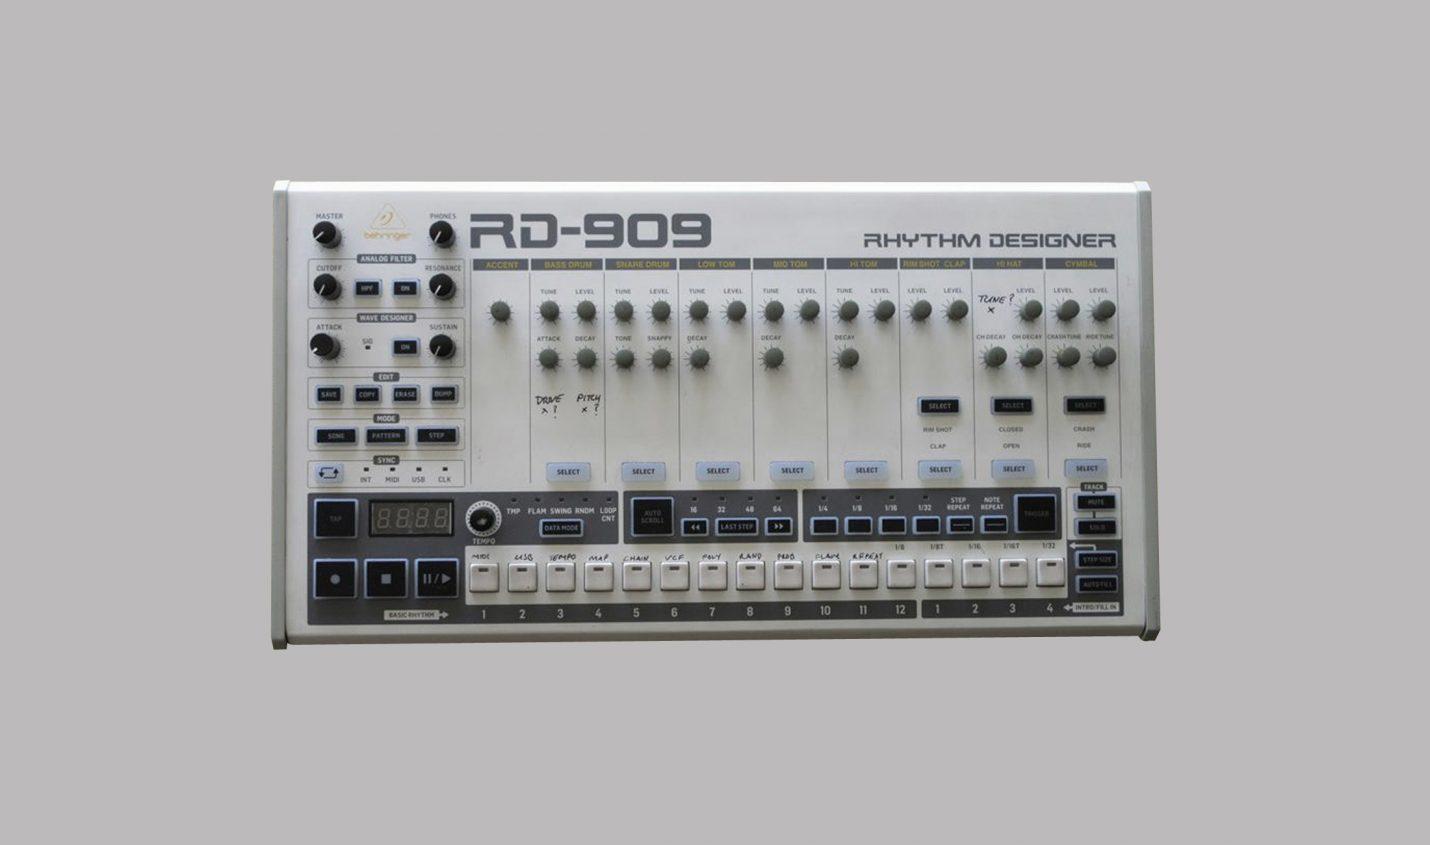 Behringer: Neuigkeiten zu RD-9 (RD-909) und Klon des Roland CR-78 - DJ LAB